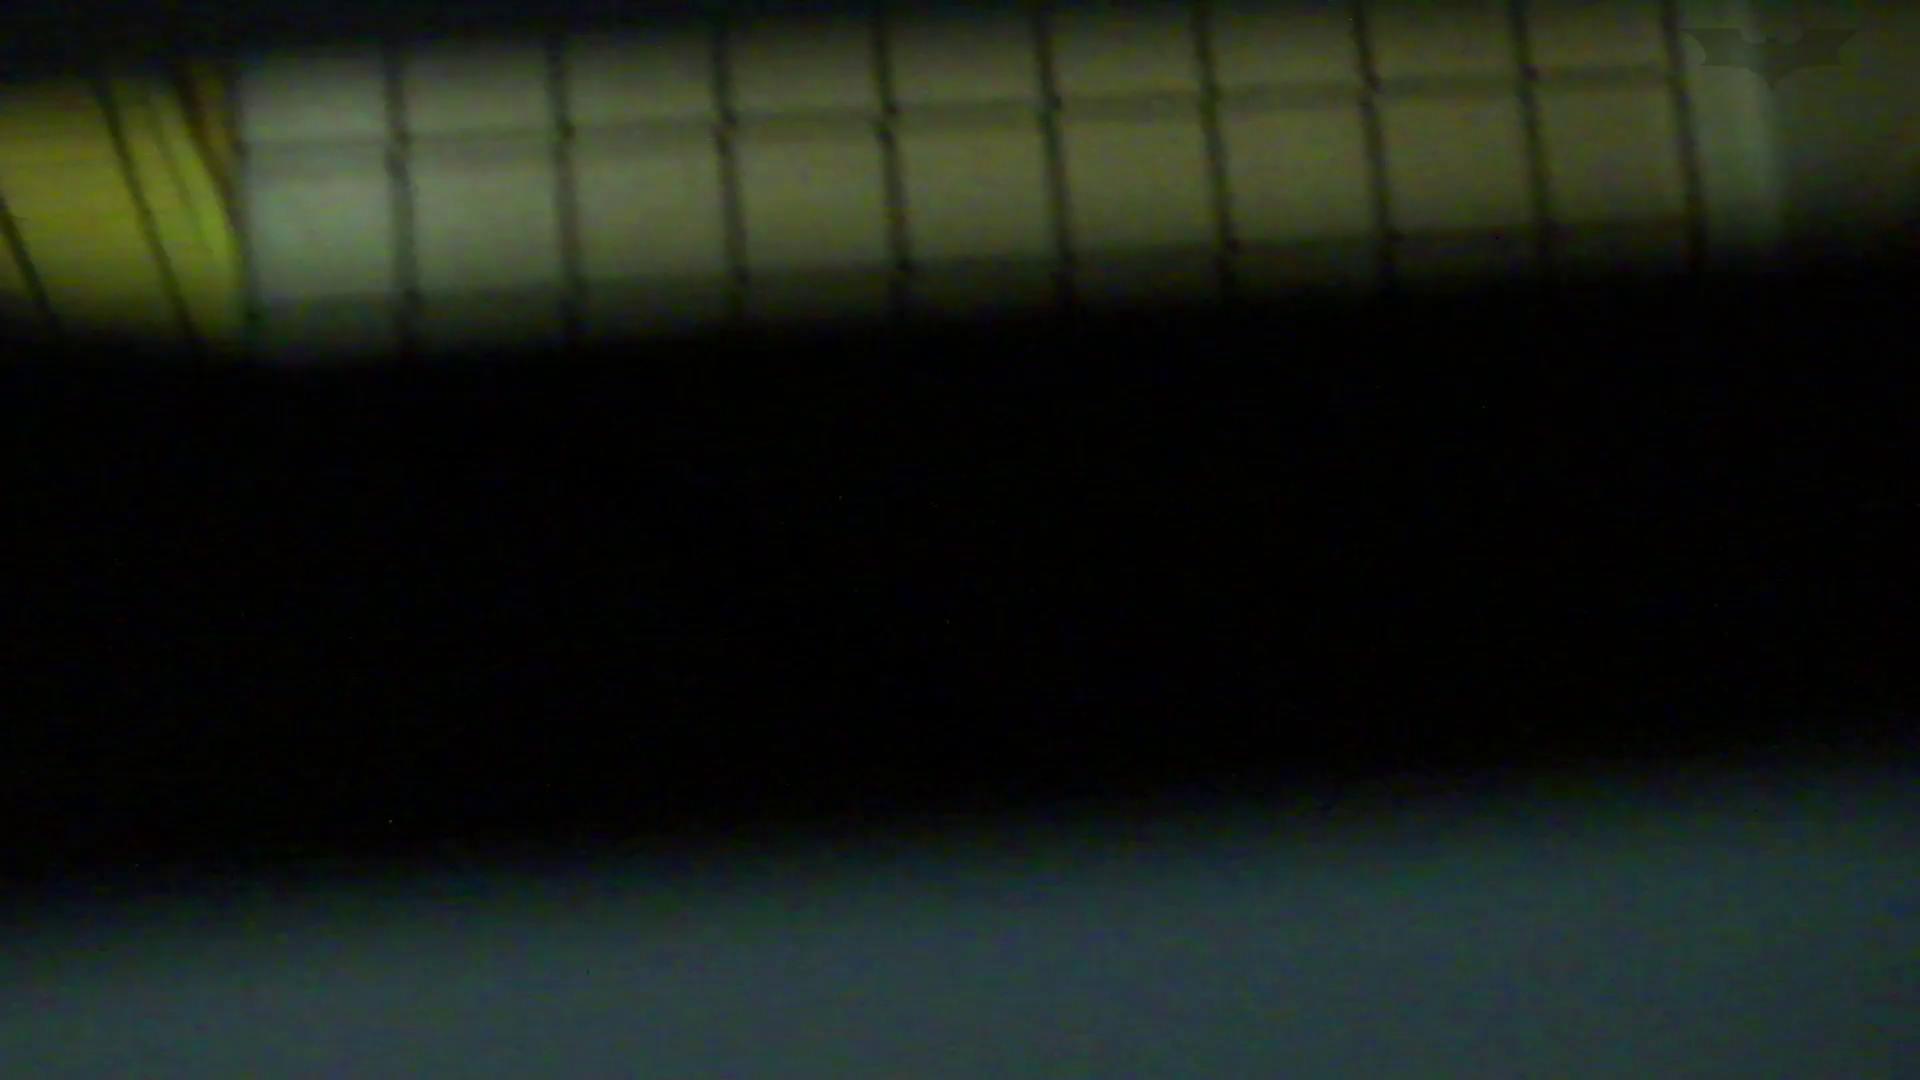 ギャルのツルピカ潜入盗撮!Vol.08 ギャル攻め AV無料動画キャプチャ 106画像 86